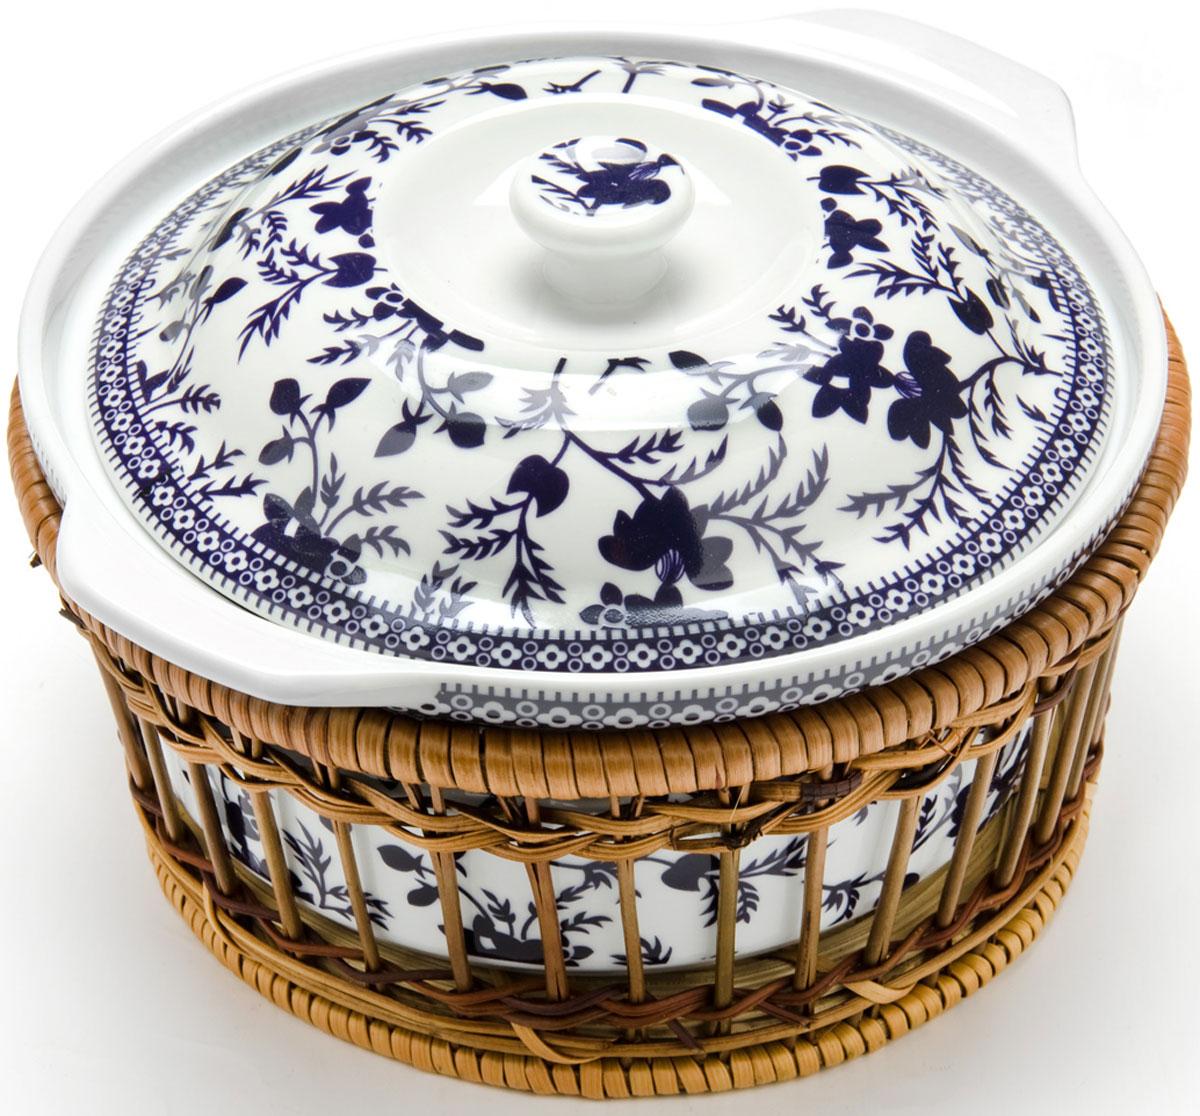 Кастрюля Mayer & Boch, 2,5 л. 2479424794Кастрюля для запекания Mayer & Boch выполнена из высококачественного фарфора белого цвета и оформлена красочным изображением цветов. Кастрюля оснащена удобными ручками и крышкой. Плетеная корзина, в которую вставляется кастрюля, послужит красивой и оригинальной подставкой. Фарфоровая посуда выдерживает высокие перепады температуры, поэтому ее можно использовать в духовке, микроволновой печи, а также для хранения пищи в холодильнике. Можно мыть в посудомоечной машине.Диаметр: 23 см.Объем кастрюли: 2,5 л.